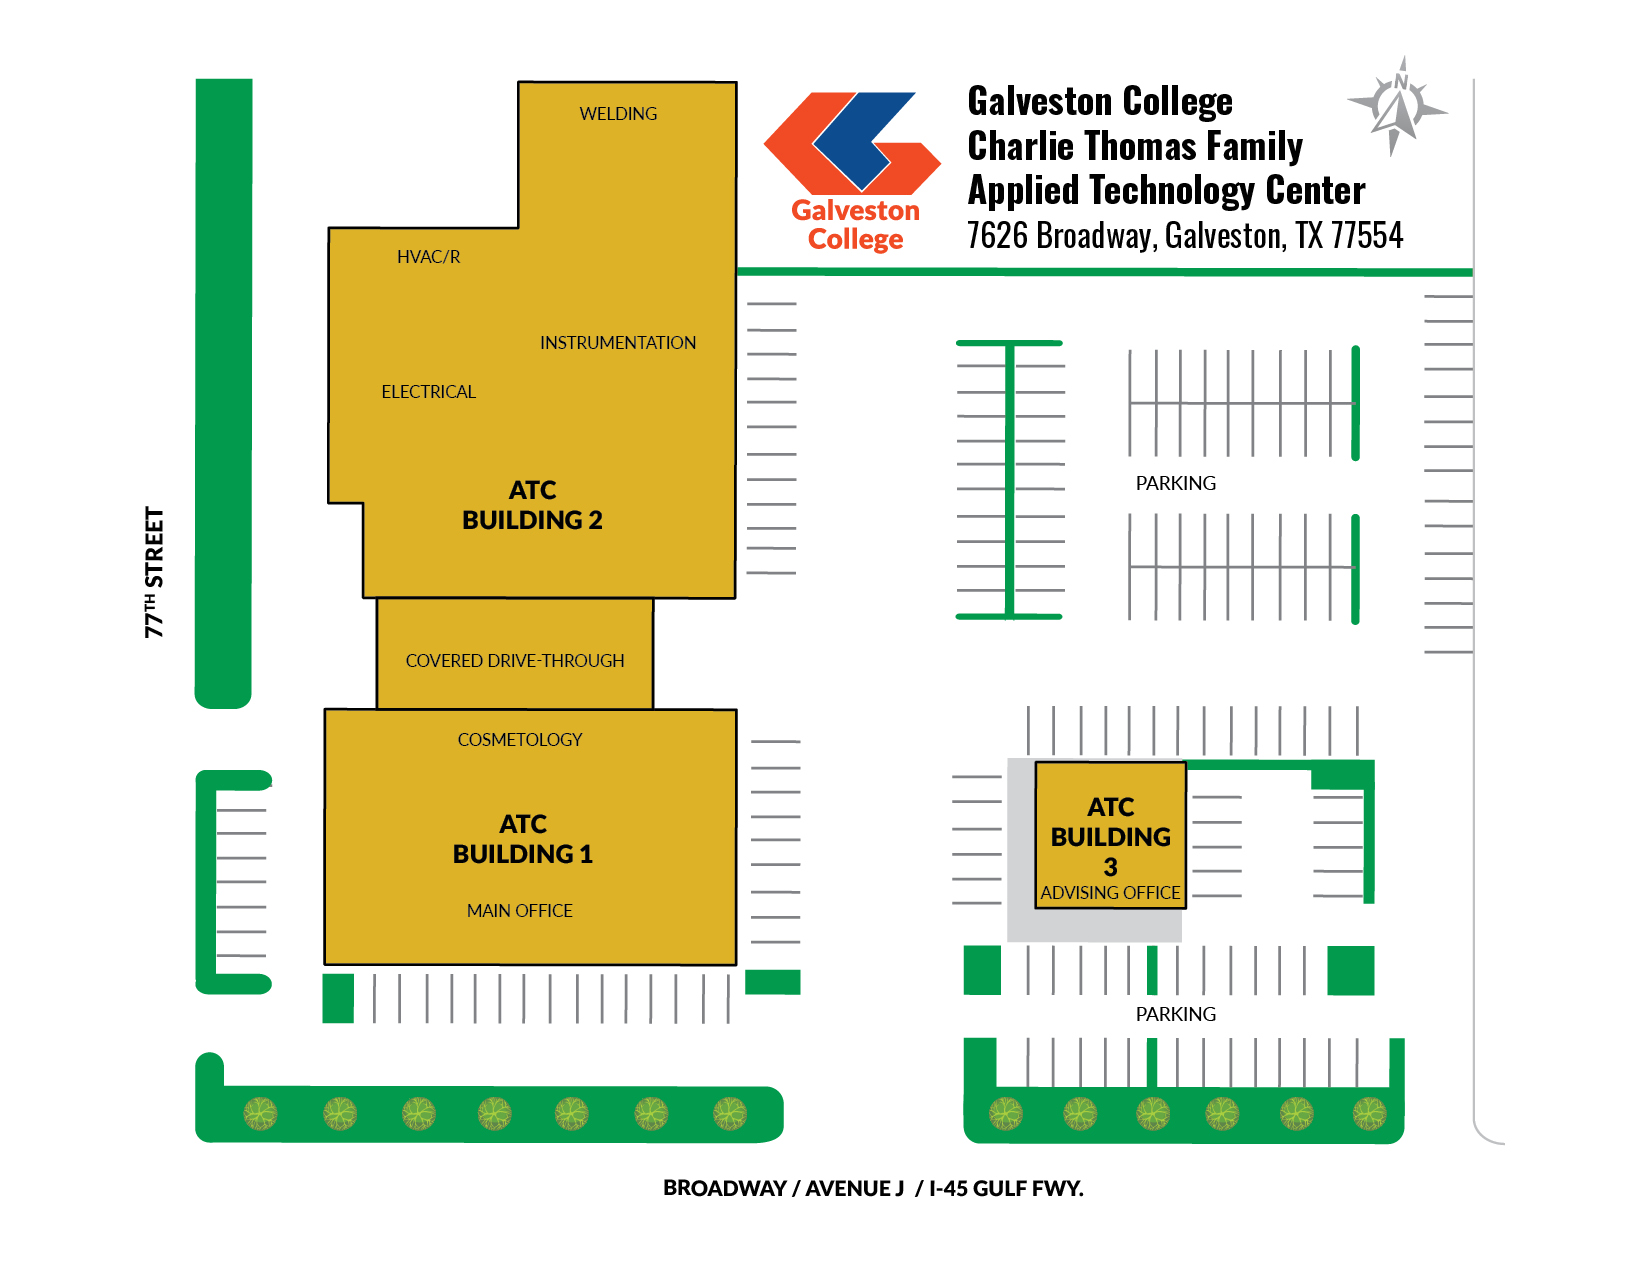 Galveston College ATC Campus Map